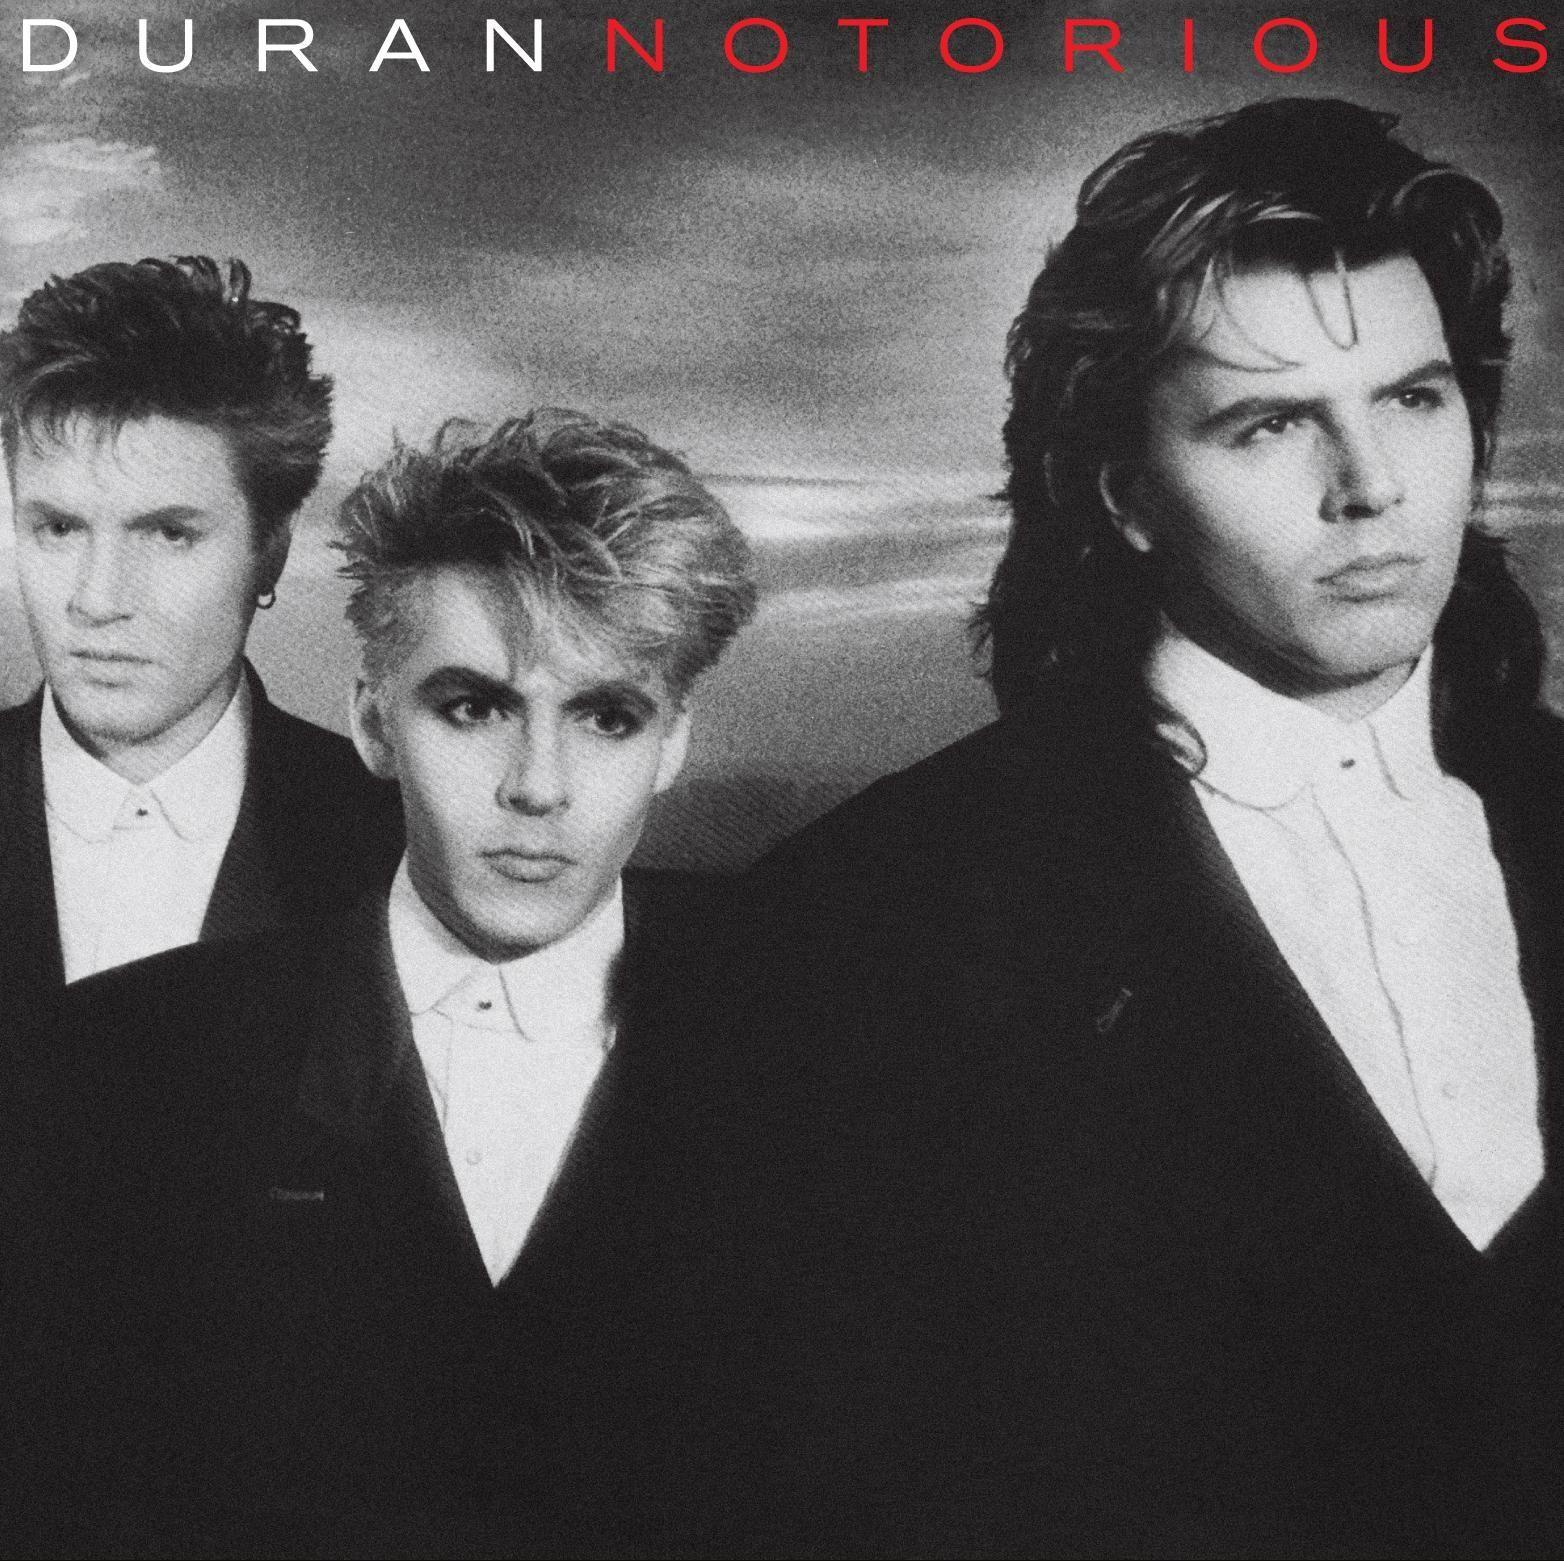 Duran Duran - Notorious (Special Edition)